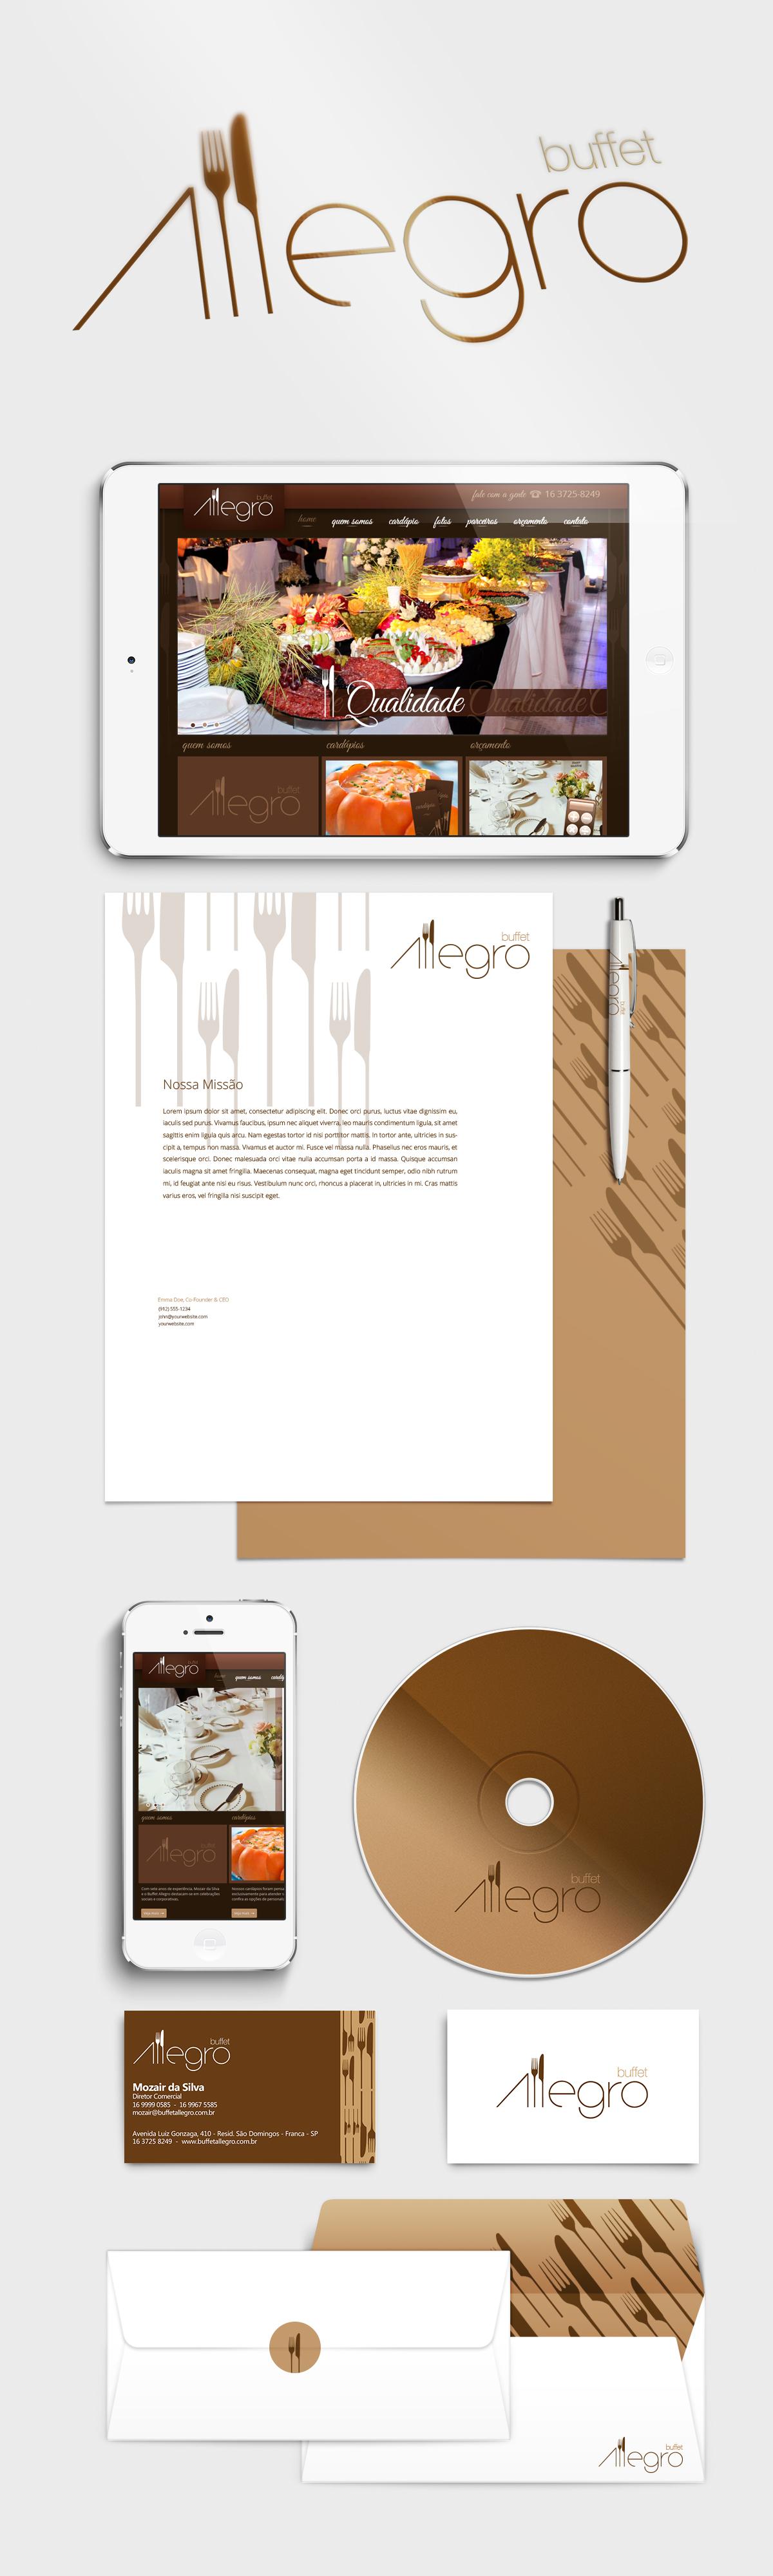 Buffet Allegro